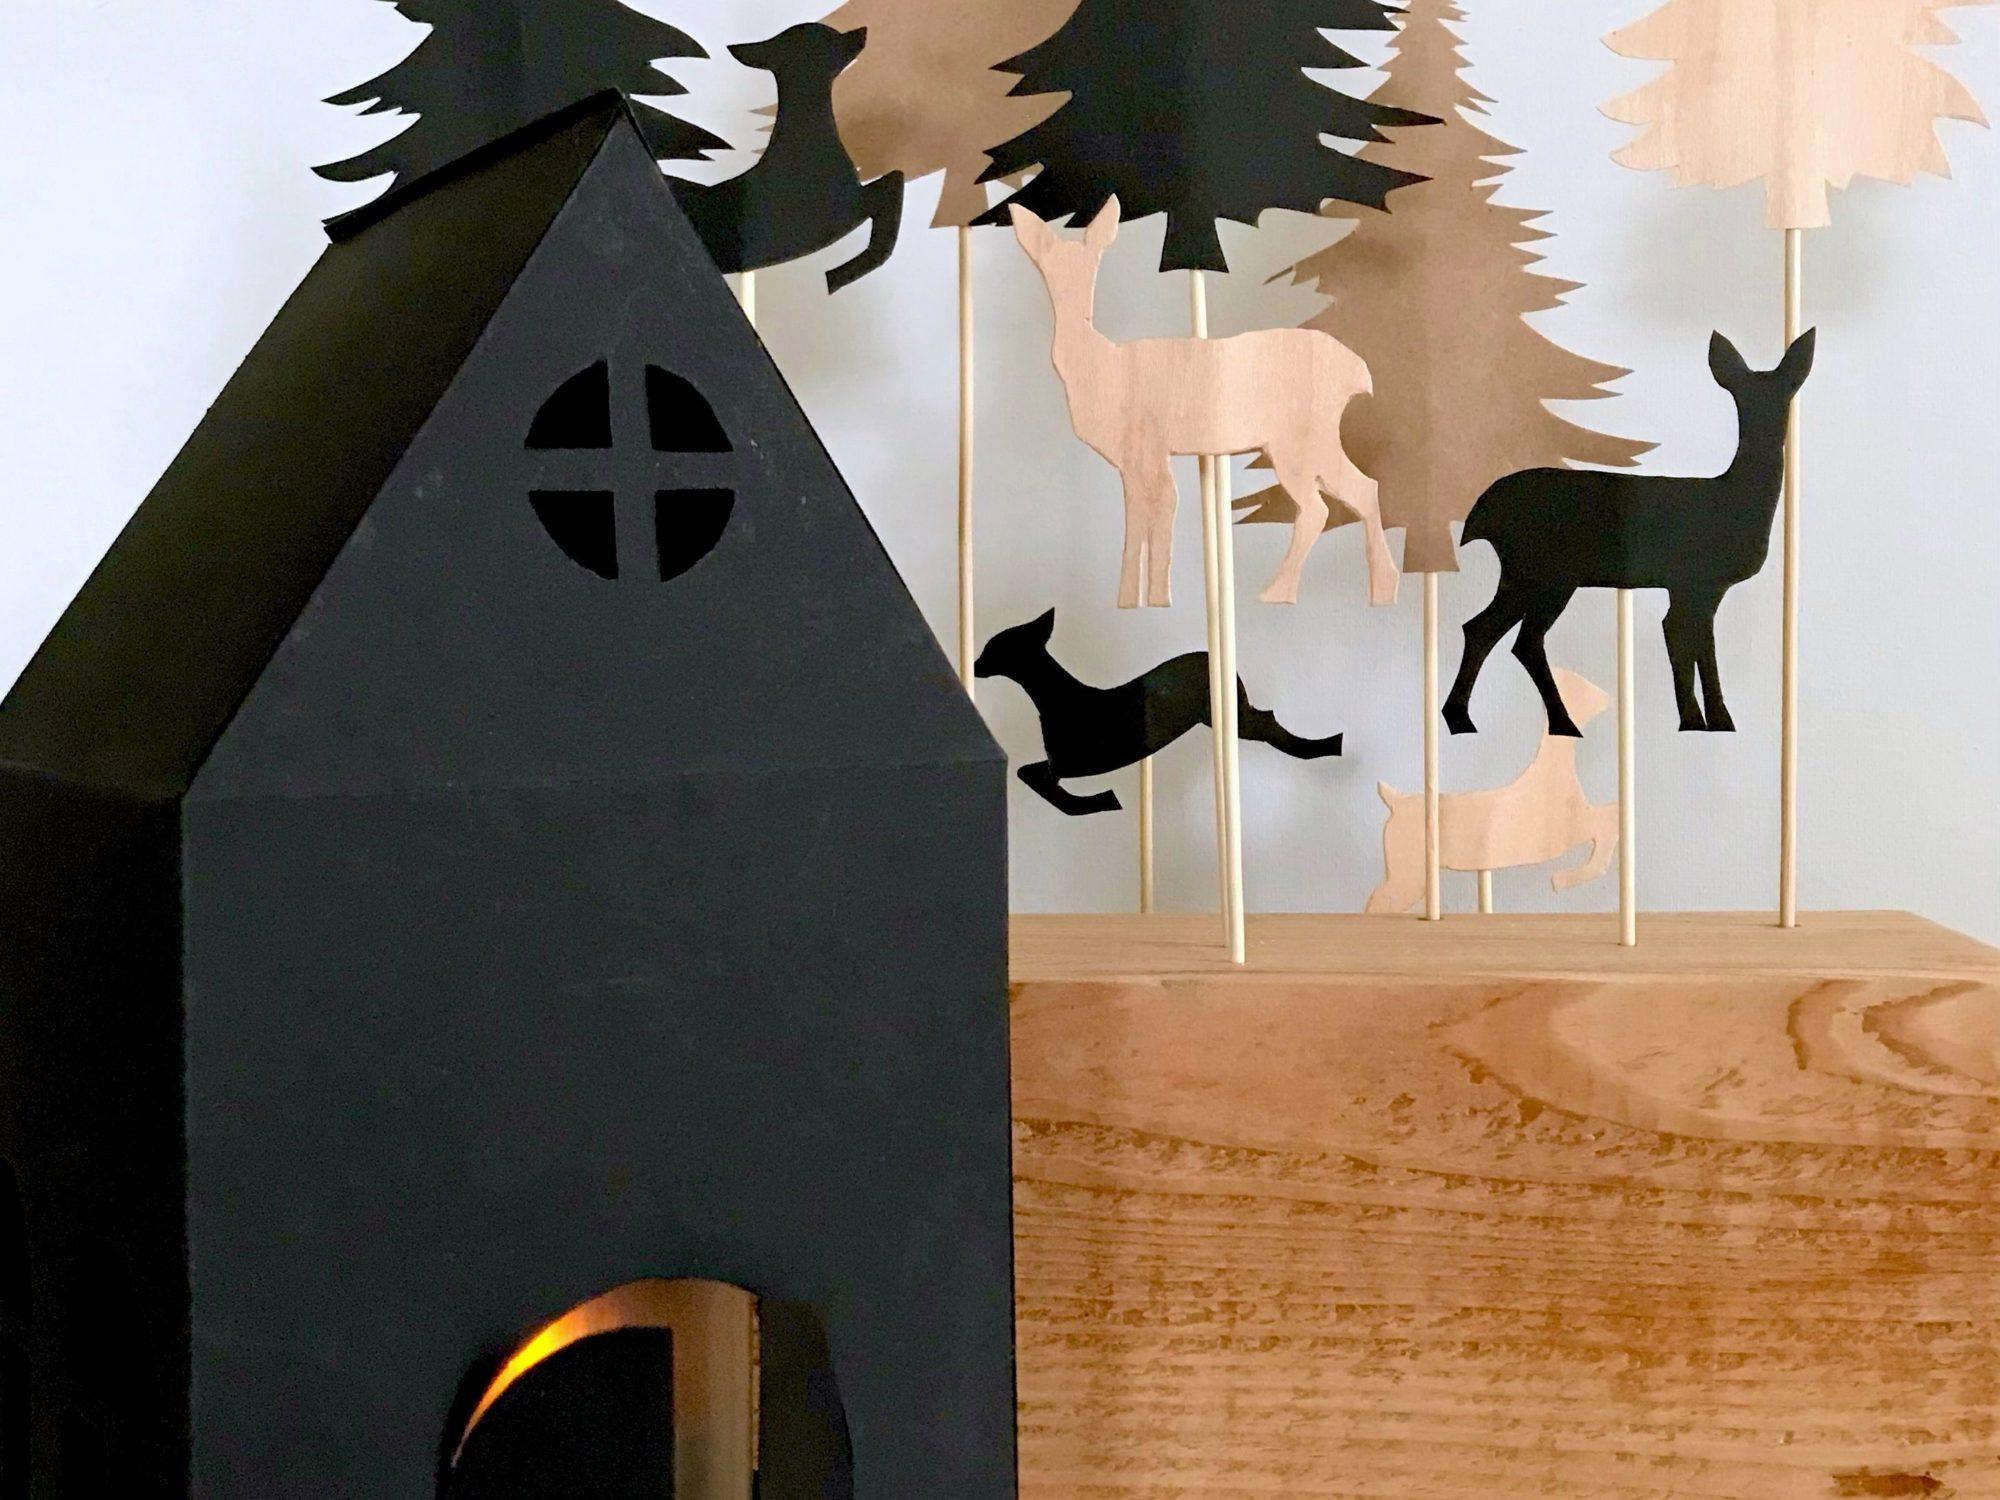 DIY: Winterlandschaft basteln aus Papier und Holz. Winterdeko: Eine lebendige Winterlandschaft basteln aus Papier und Holz - mit gratis Vorlage - ohne Plotter, sondern noch old-school mit der Schere. #Chalet8 #winterdeko #bastelnmitpapier #winterlandschaft